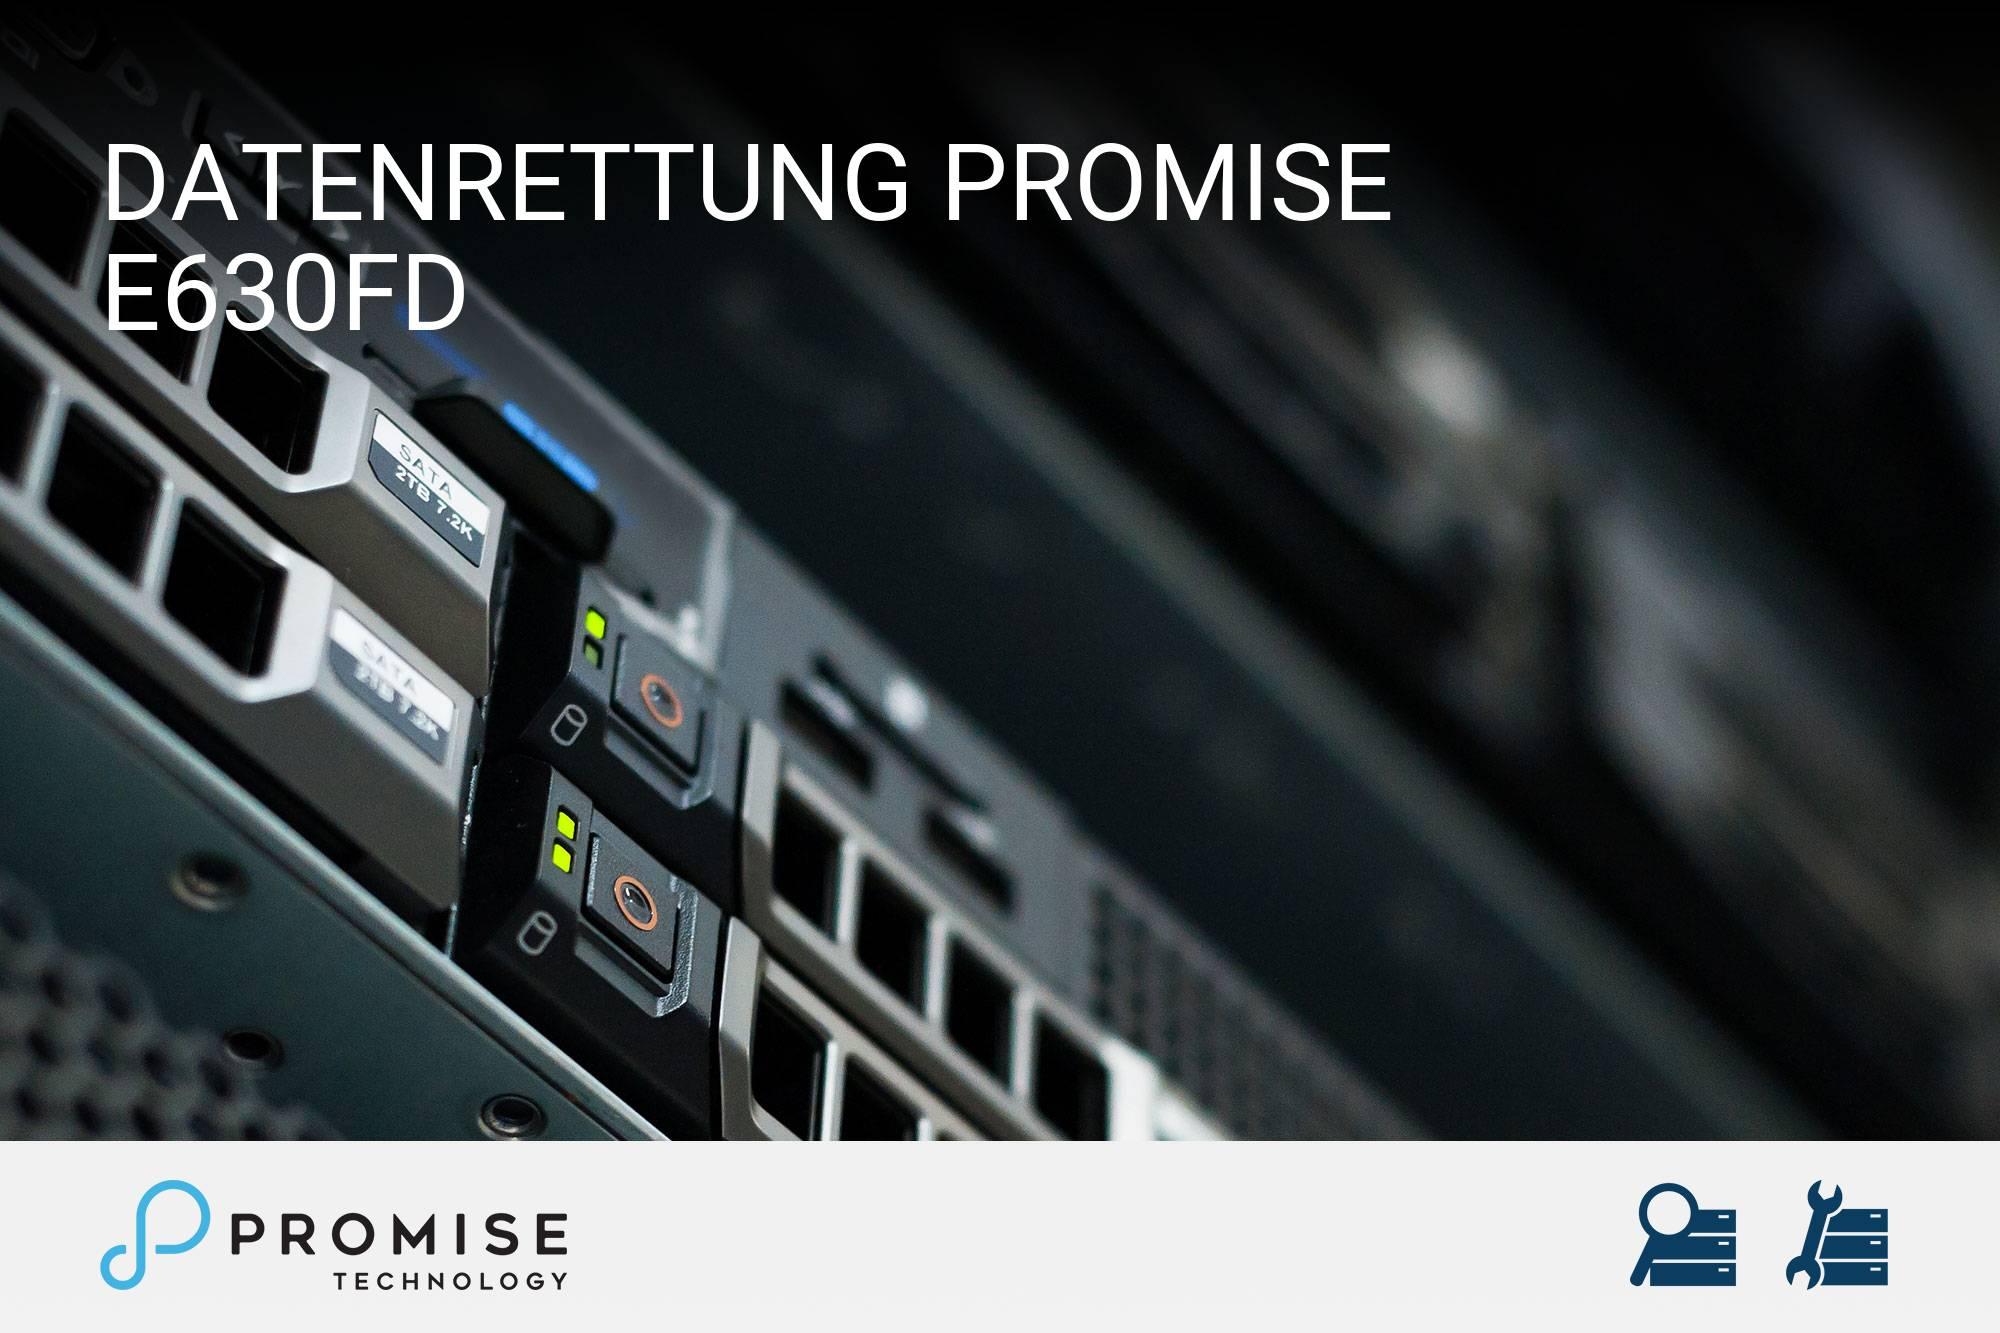 Promise E630fD